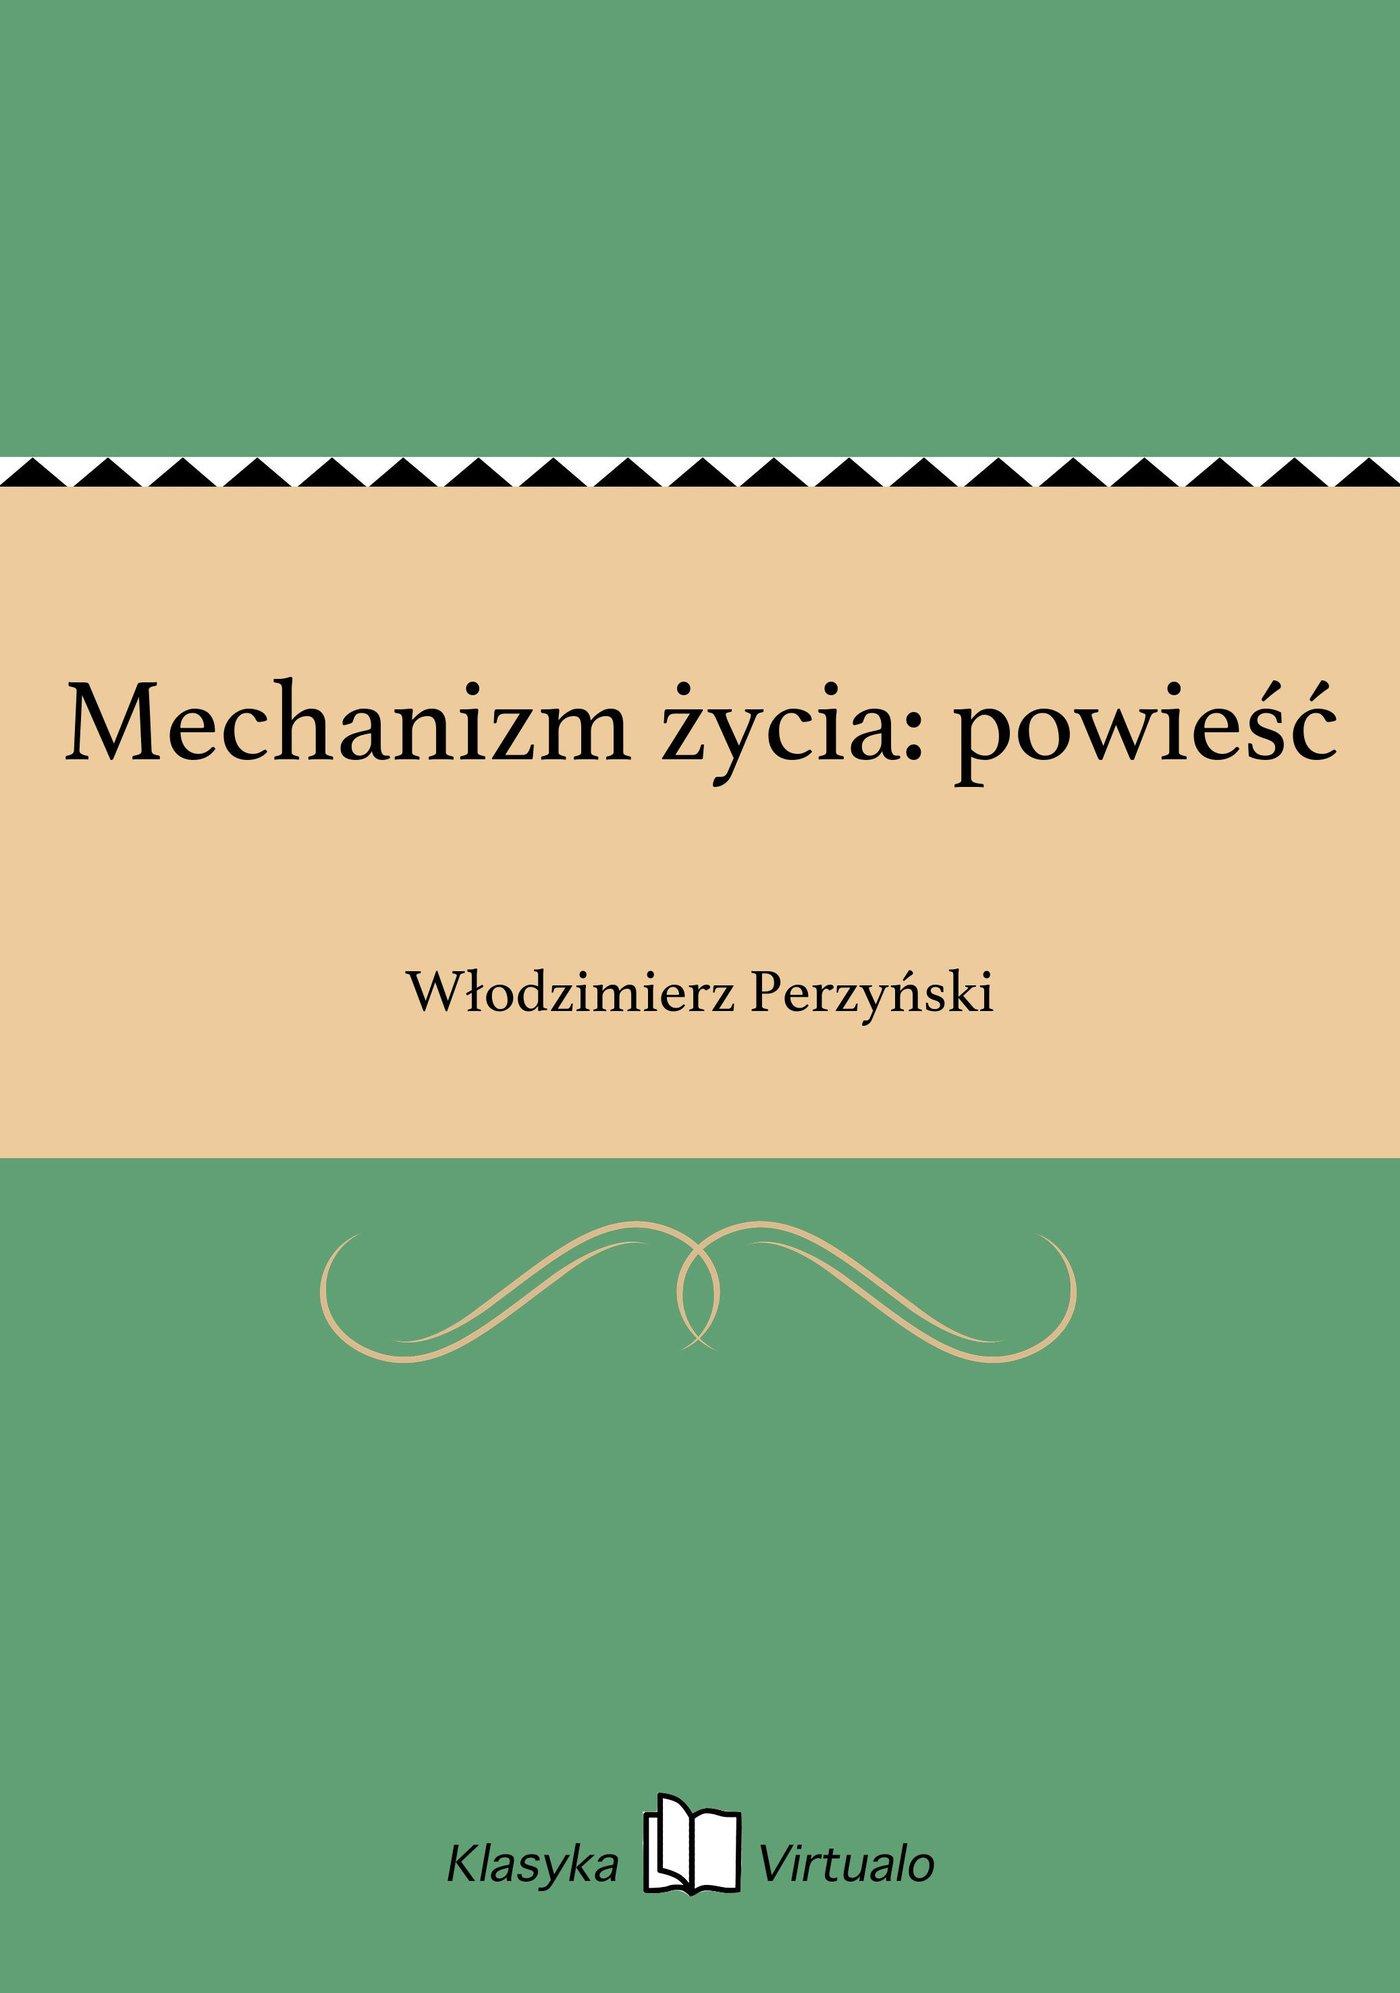 Mechanizm życia: powieść - Ebook (Książka na Kindle) do pobrania w formacie MOBI